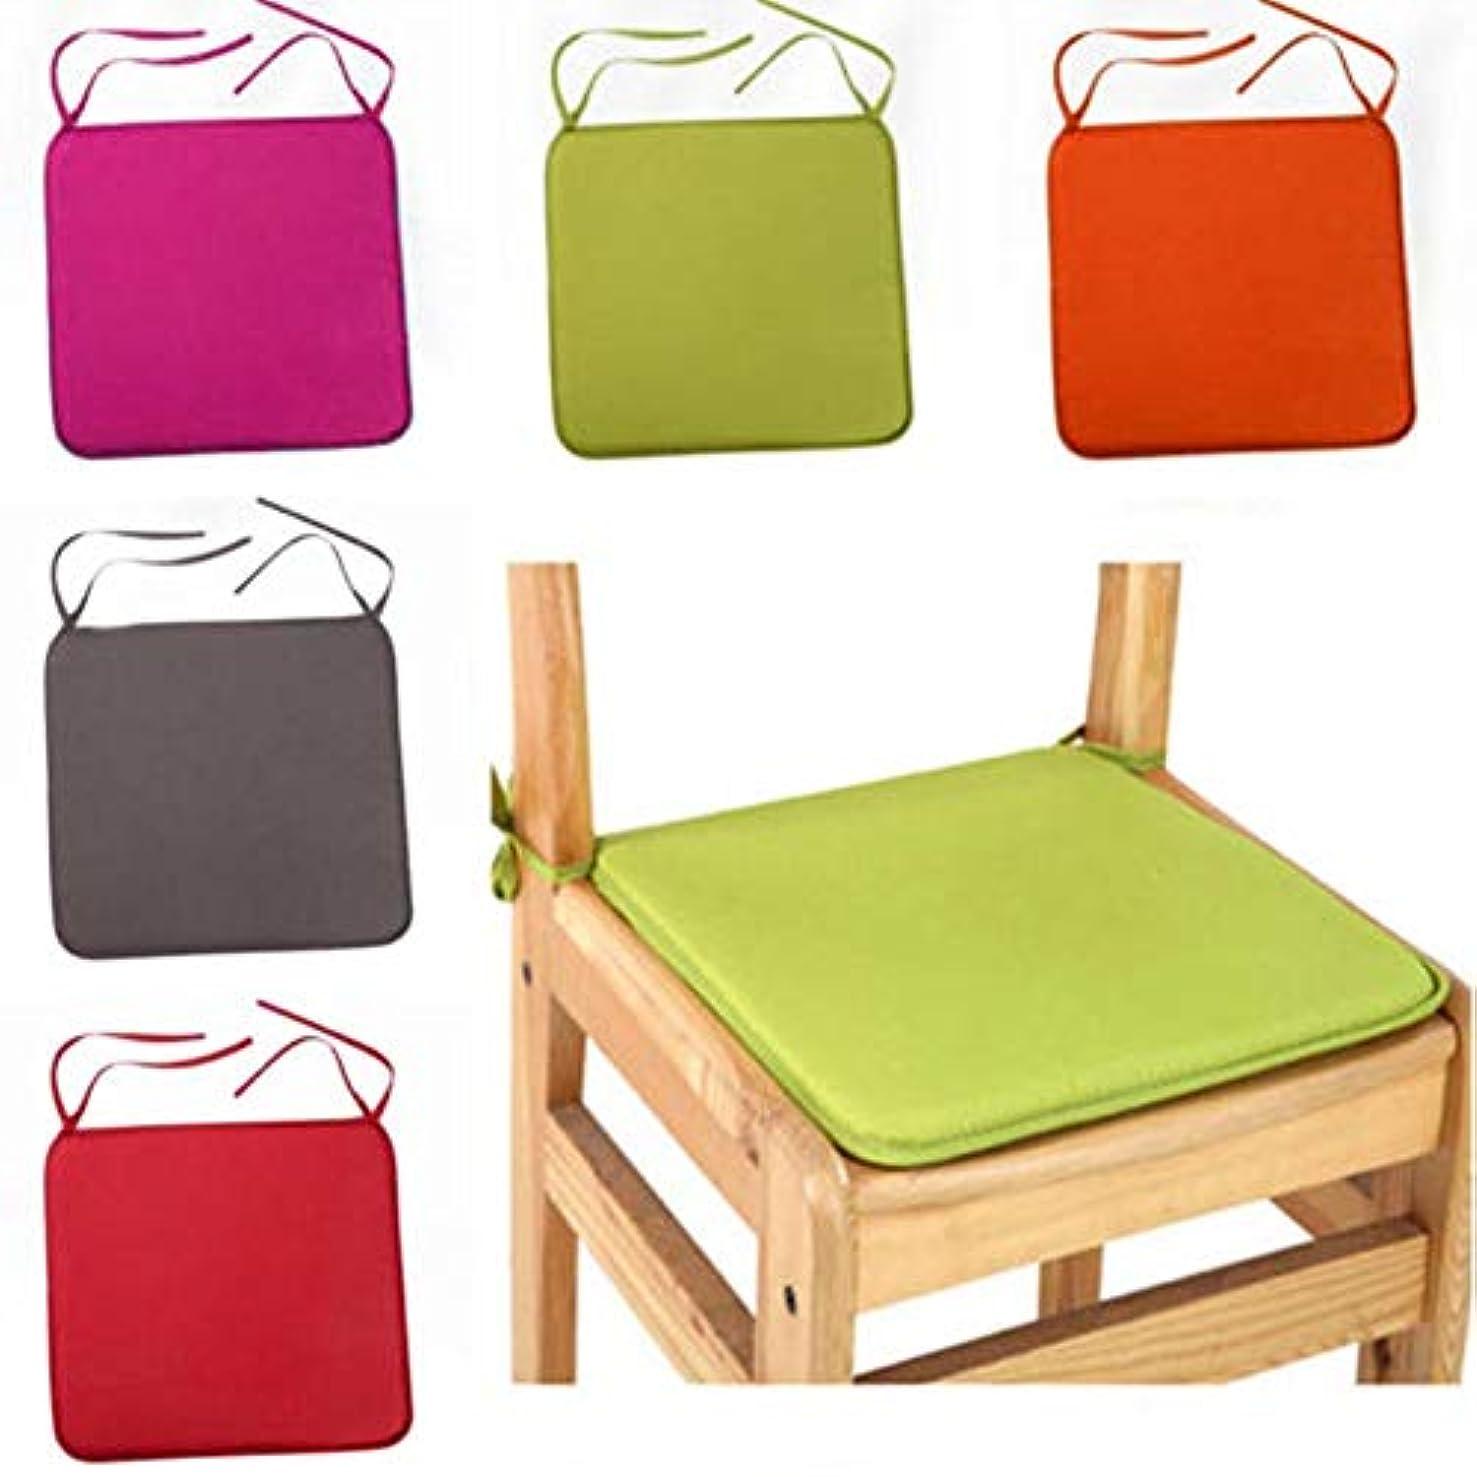 ラメ上陸宣伝LIFE 40 × 40 センチメートルの椅子のクッションシートダイニング椅子屋外屋内キッチンスクエアソフトネクタイ椅子パッドホーム装飾 クッション 椅子